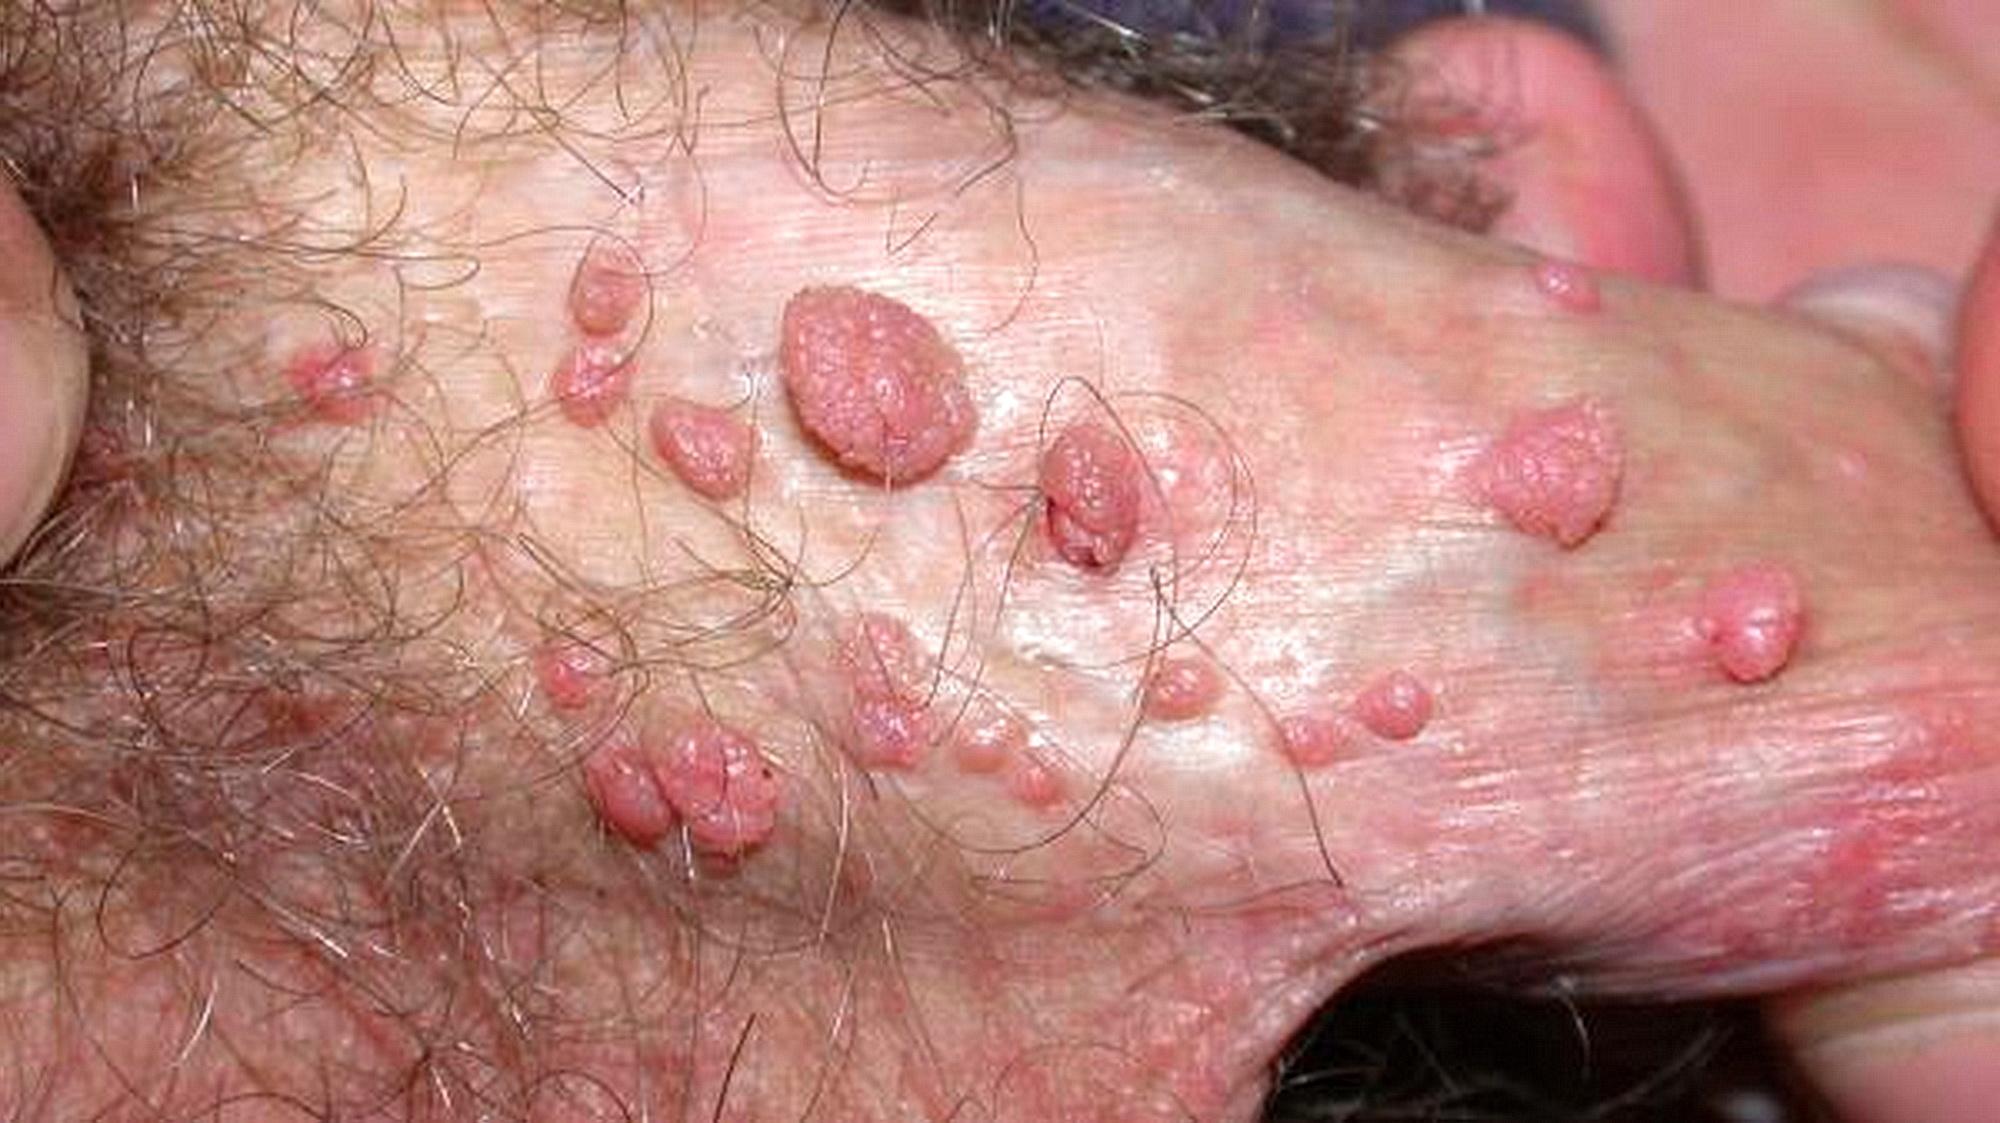 creste di gallo papilloma virus uomo